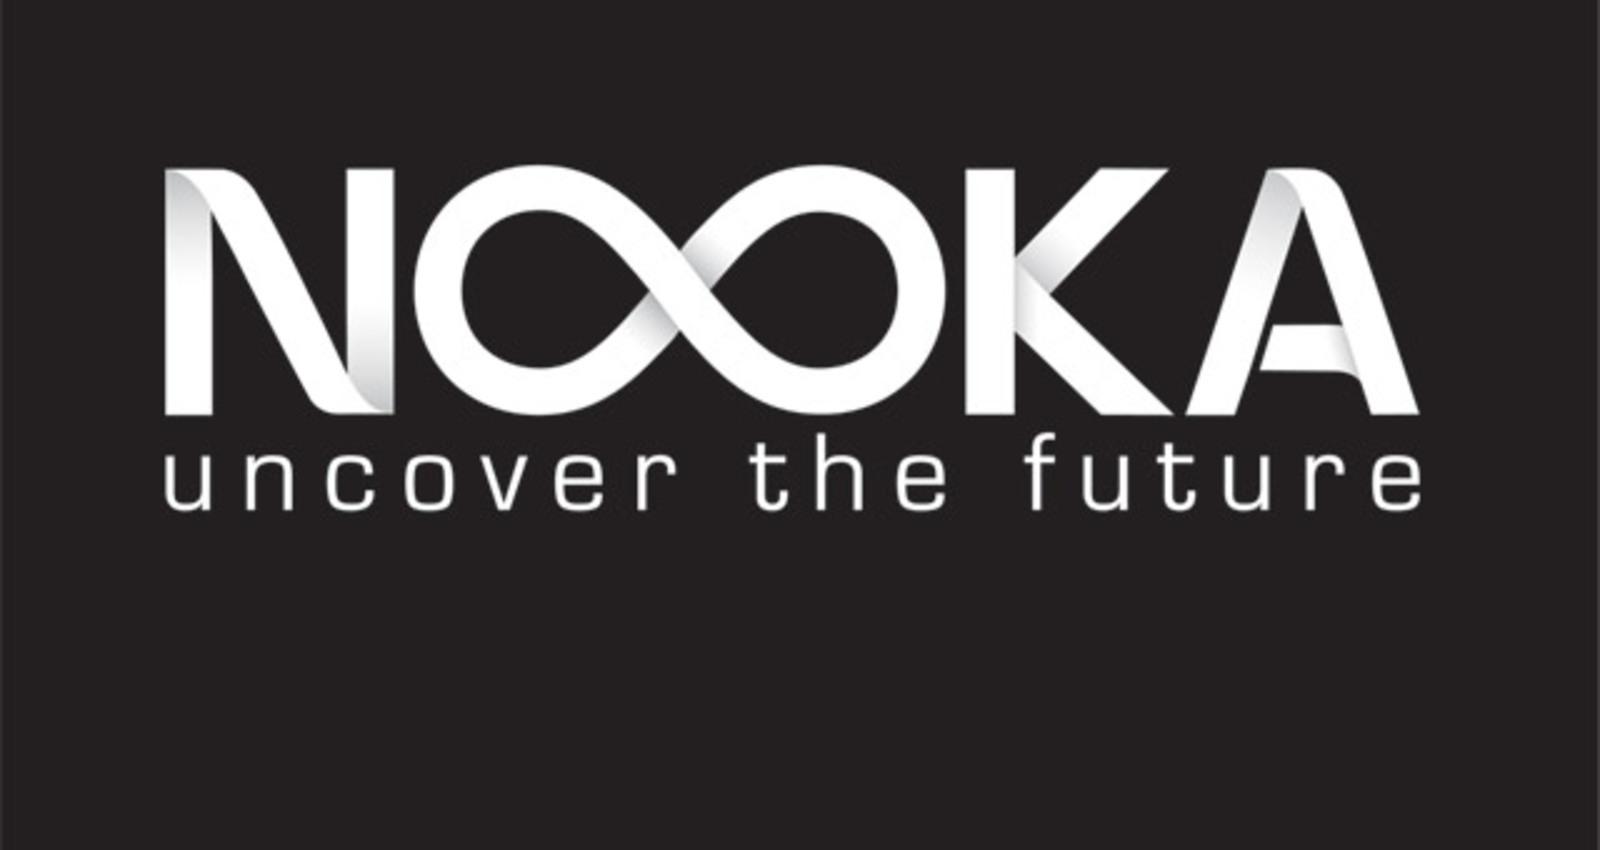 uncover the future